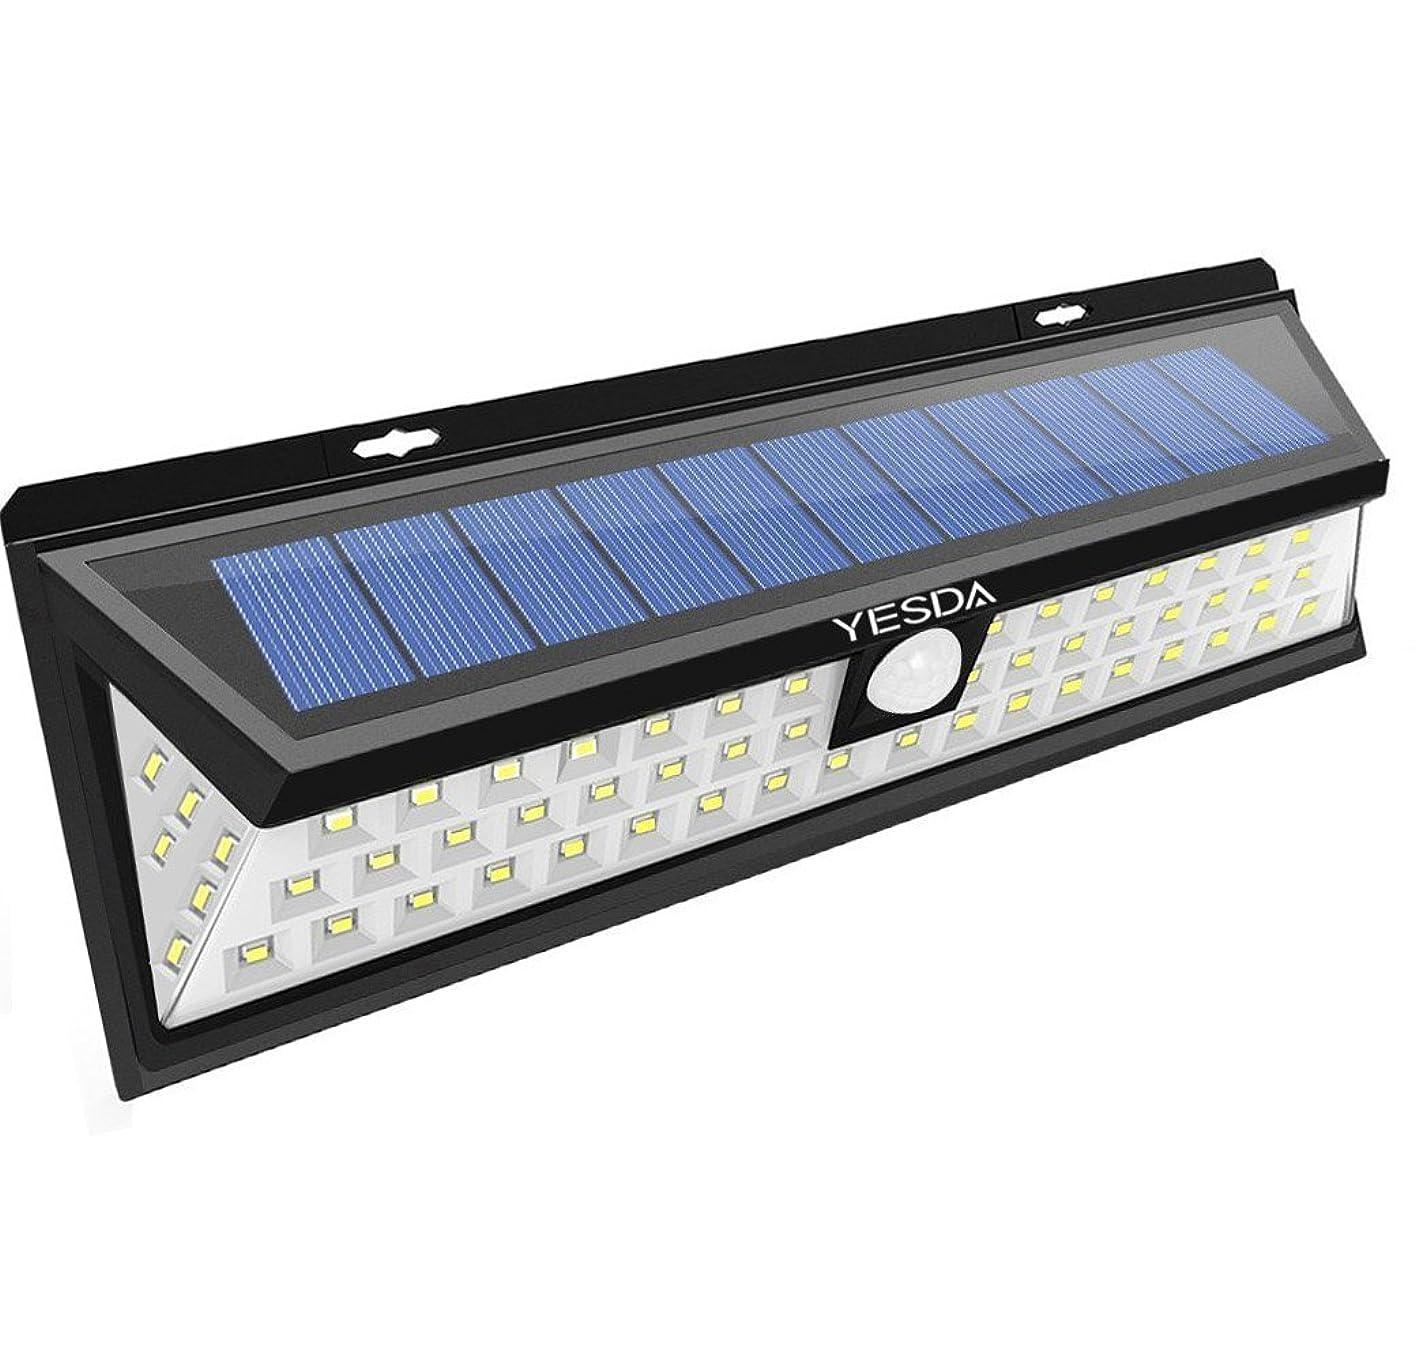 挨拶するアルファベット窒素ソーラーライト 90LED センサーライト 超明るい 広角照明 人感センサー 玄関入口/屋外/軒先/ガーデン/駐車場などに適用 (90led)